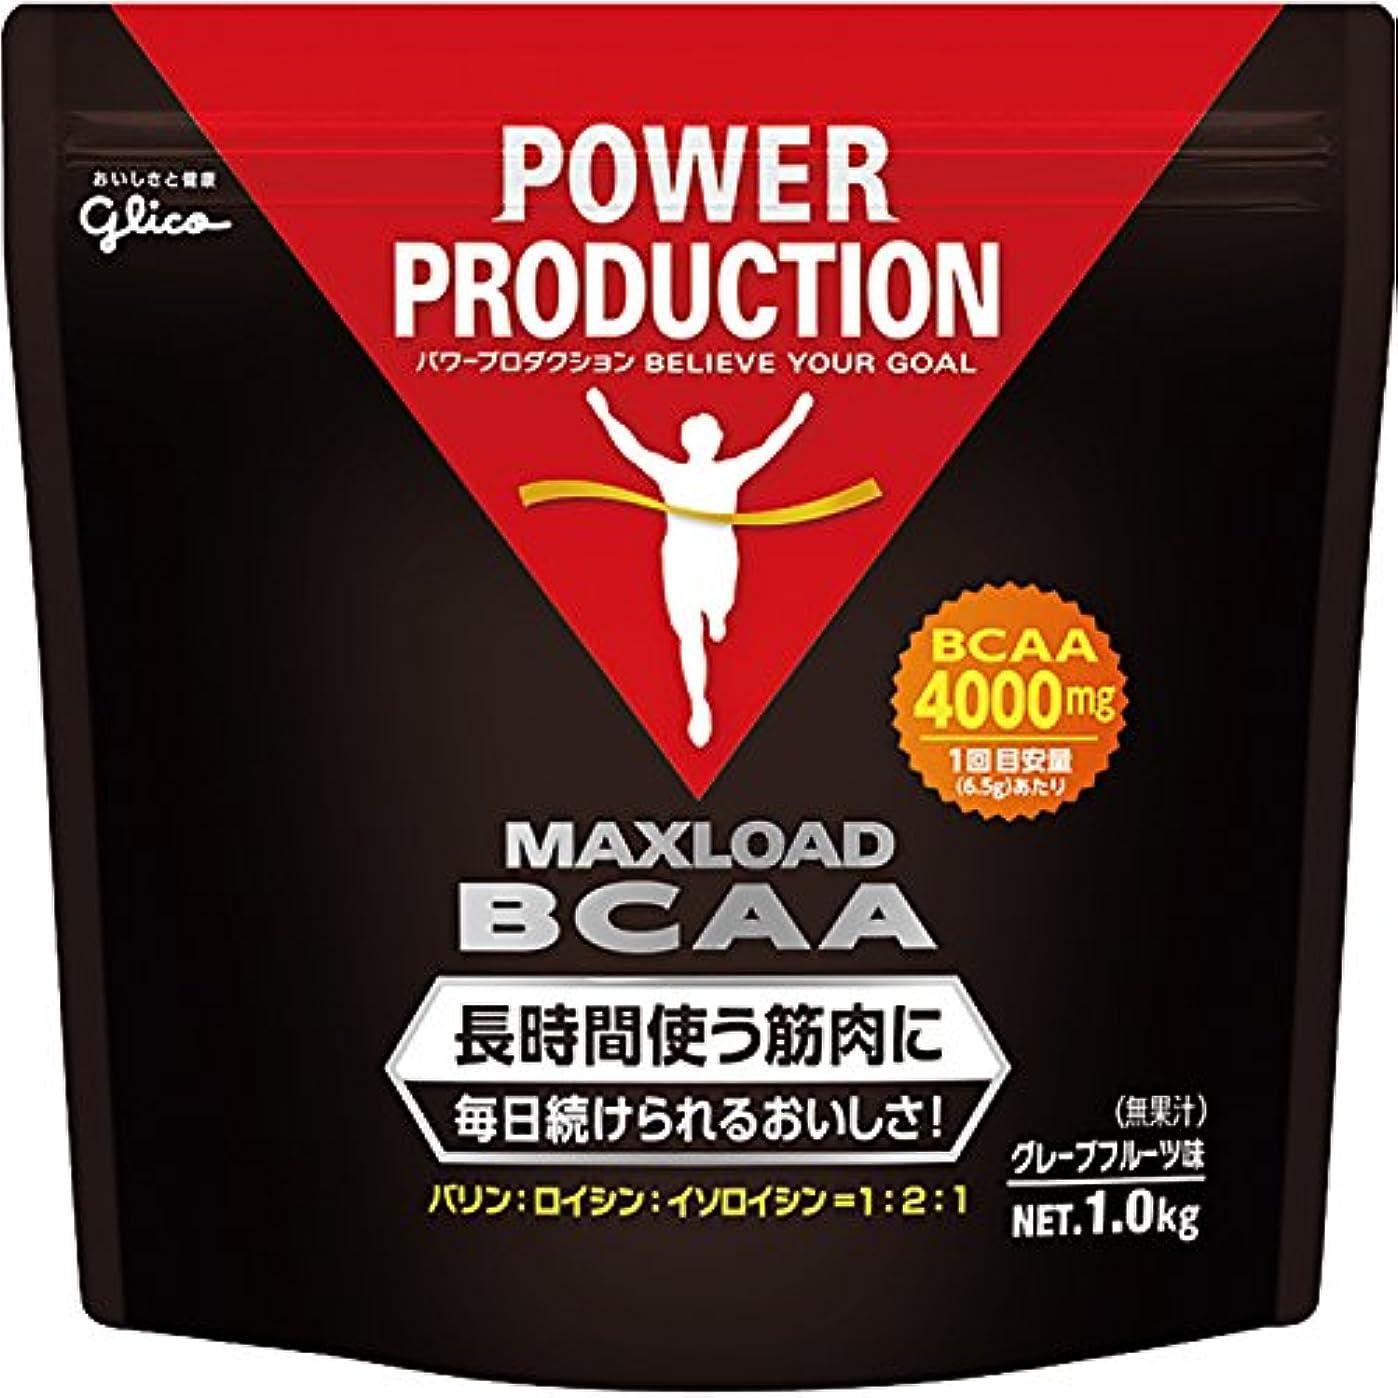 ピークやる褐色グリコ パワープロダクション マックスロード BCAA4000mg アミノ酸 グレープフルーツ風味 1kg【使用目安 約153回分】